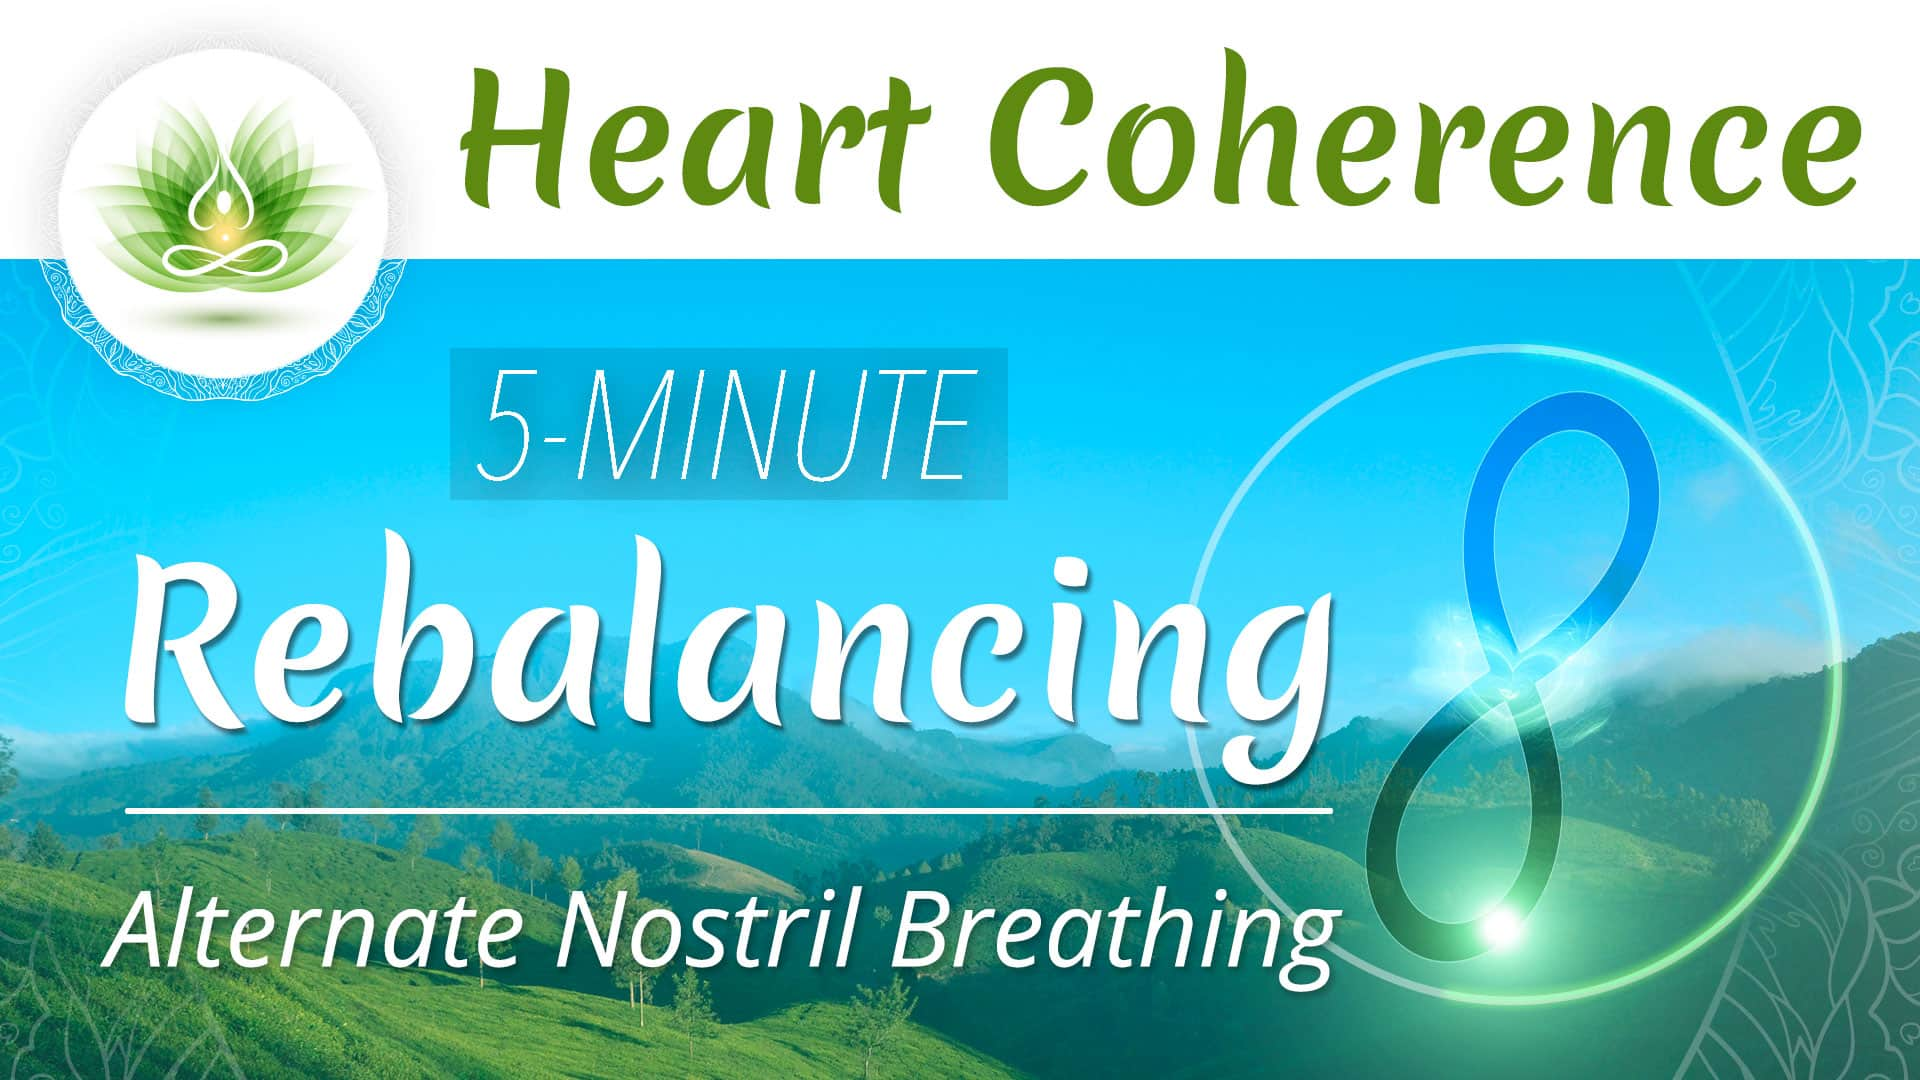 Heart Coherence - Rebalancing